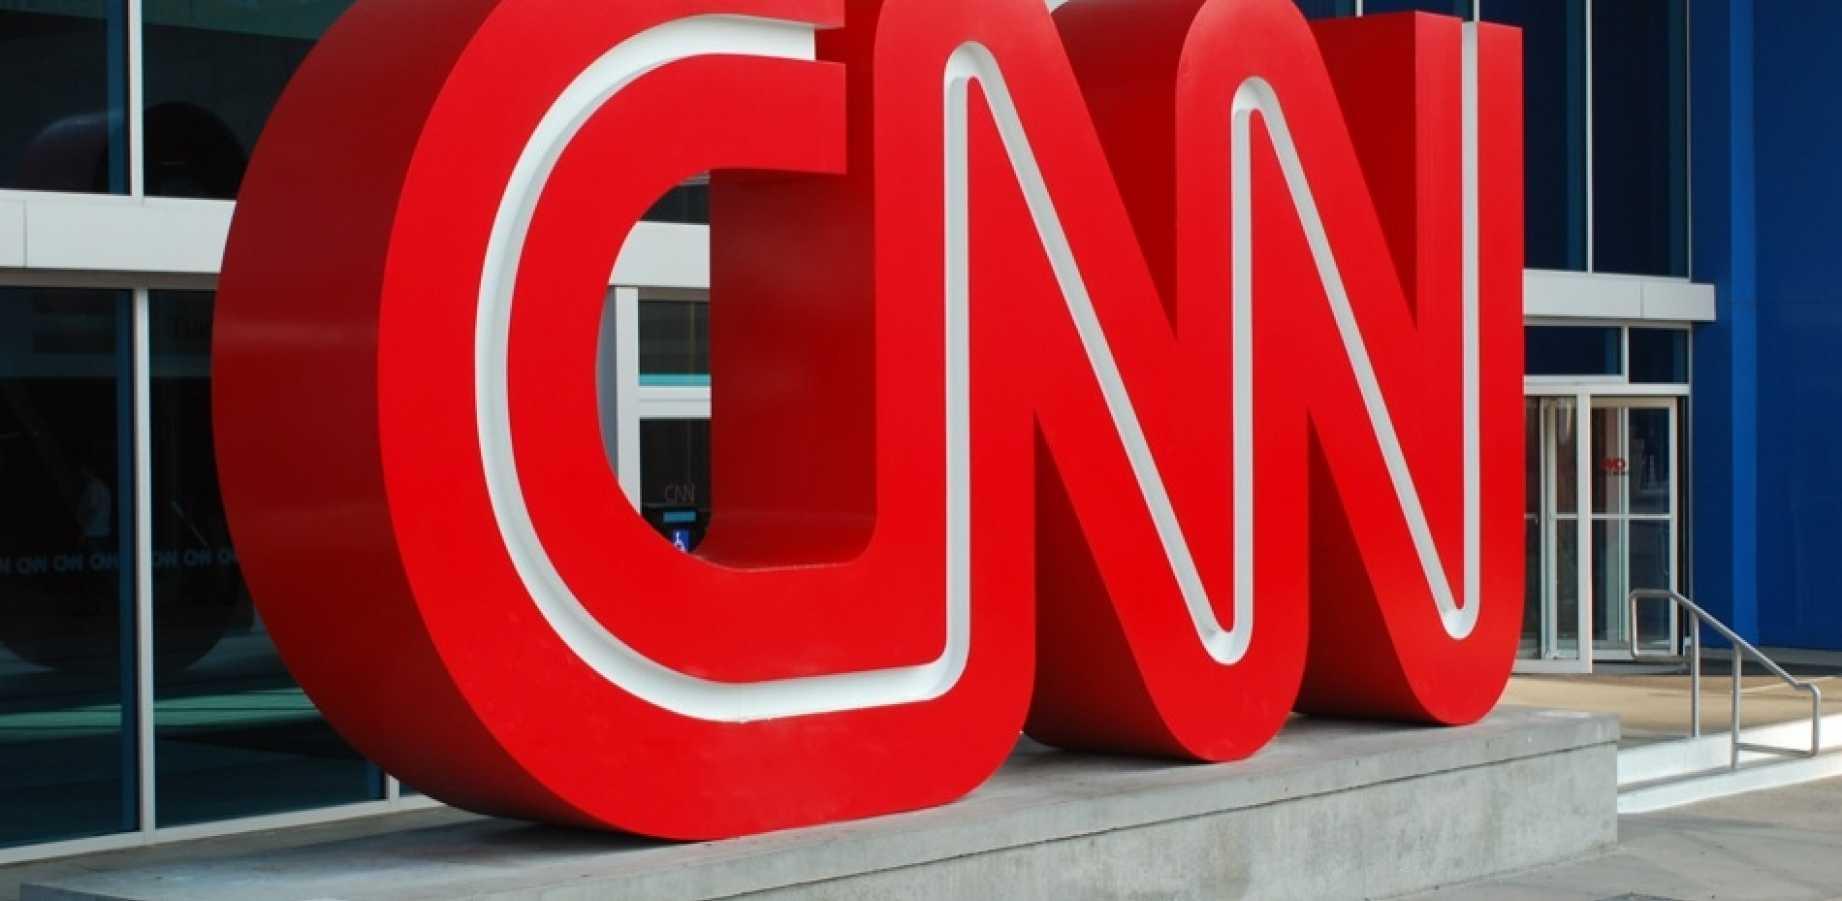 «Що за брехня?»: в Сети обсуждают новый рекламный ролик CNN об Украине